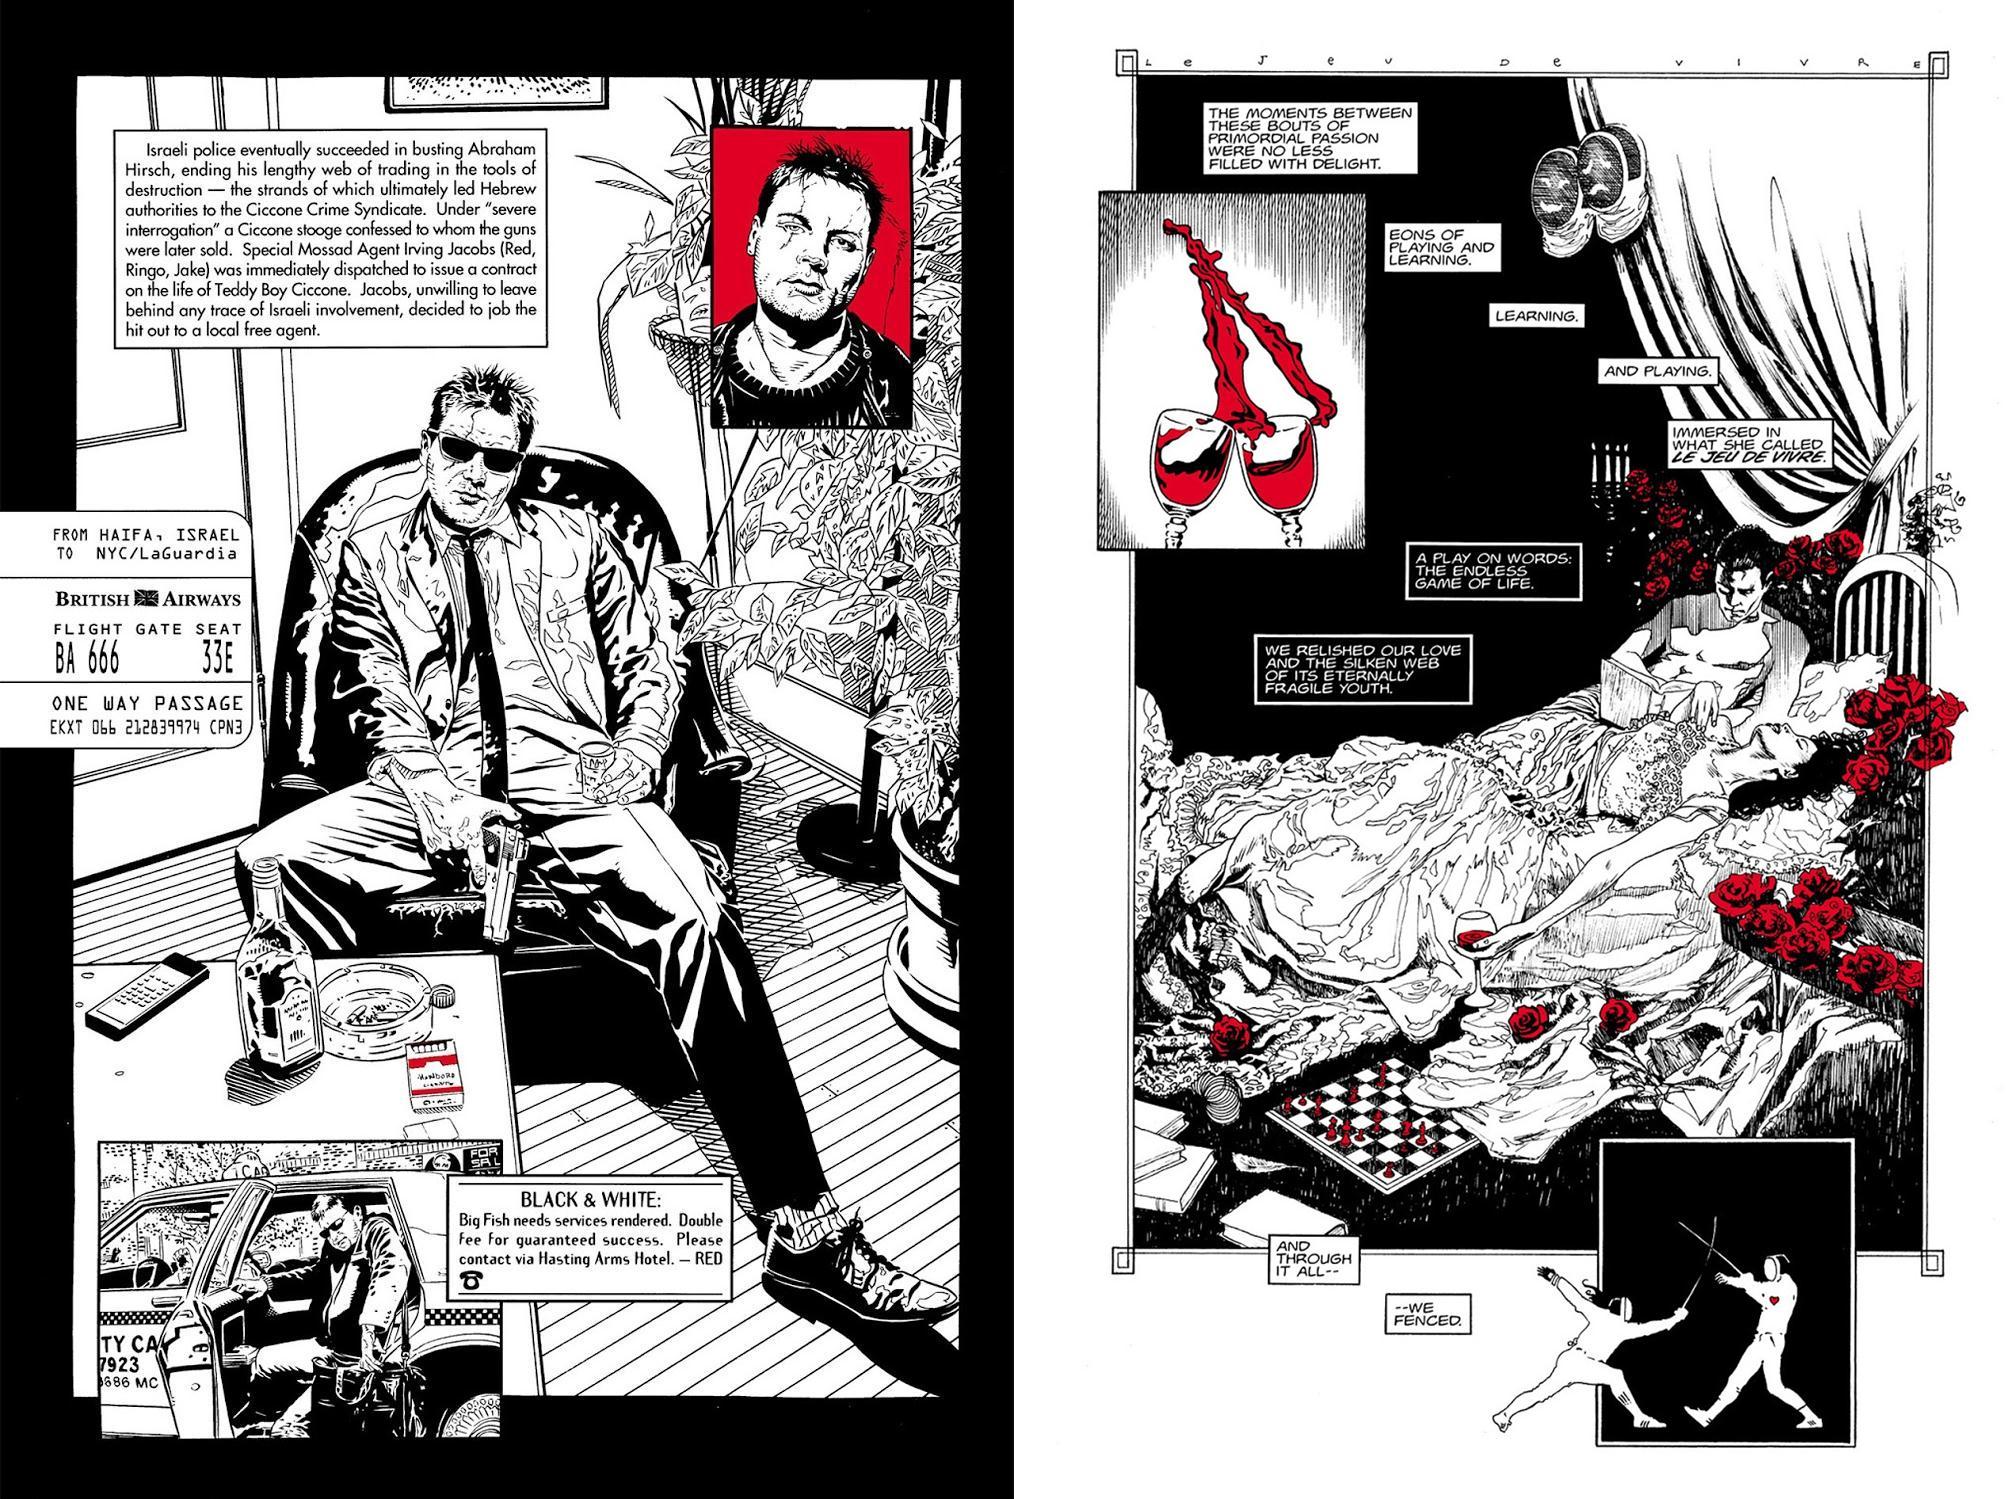 Grendel Black White & Red review